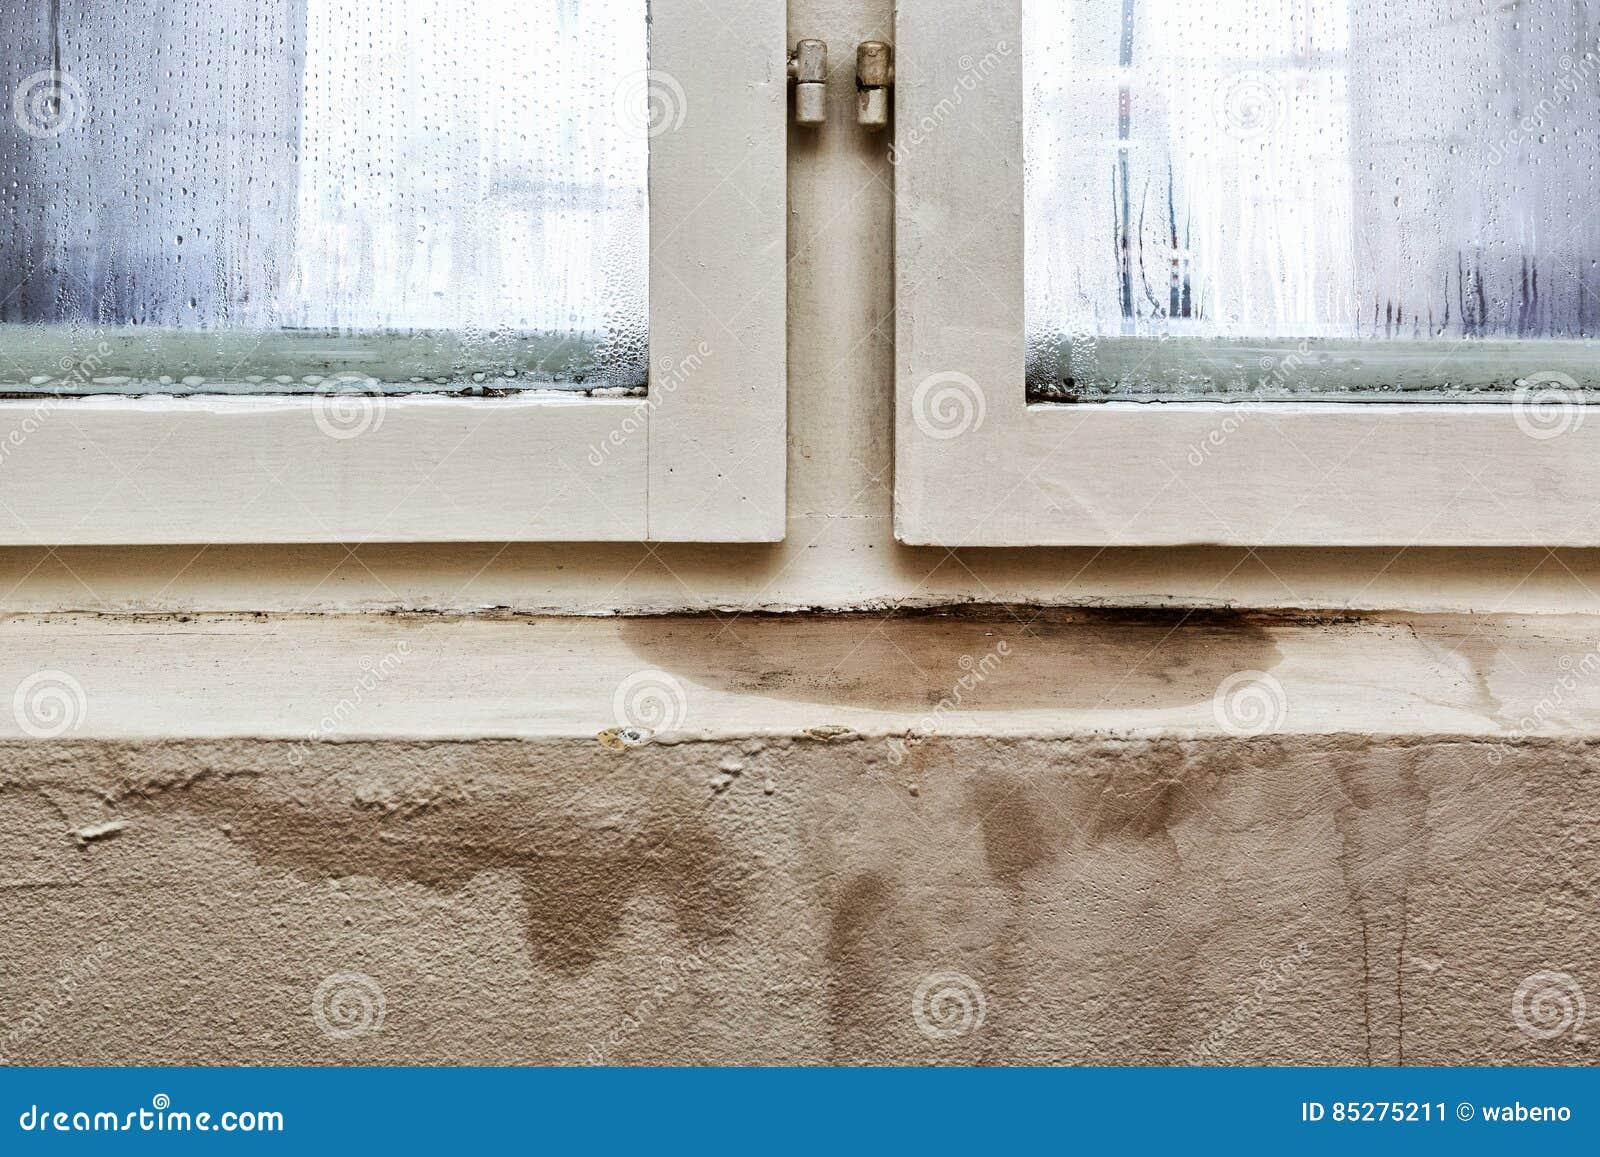 Vochtigheidsgraad In Huis : Vochtigheid en vorm problemen in een huis stock afbeelding